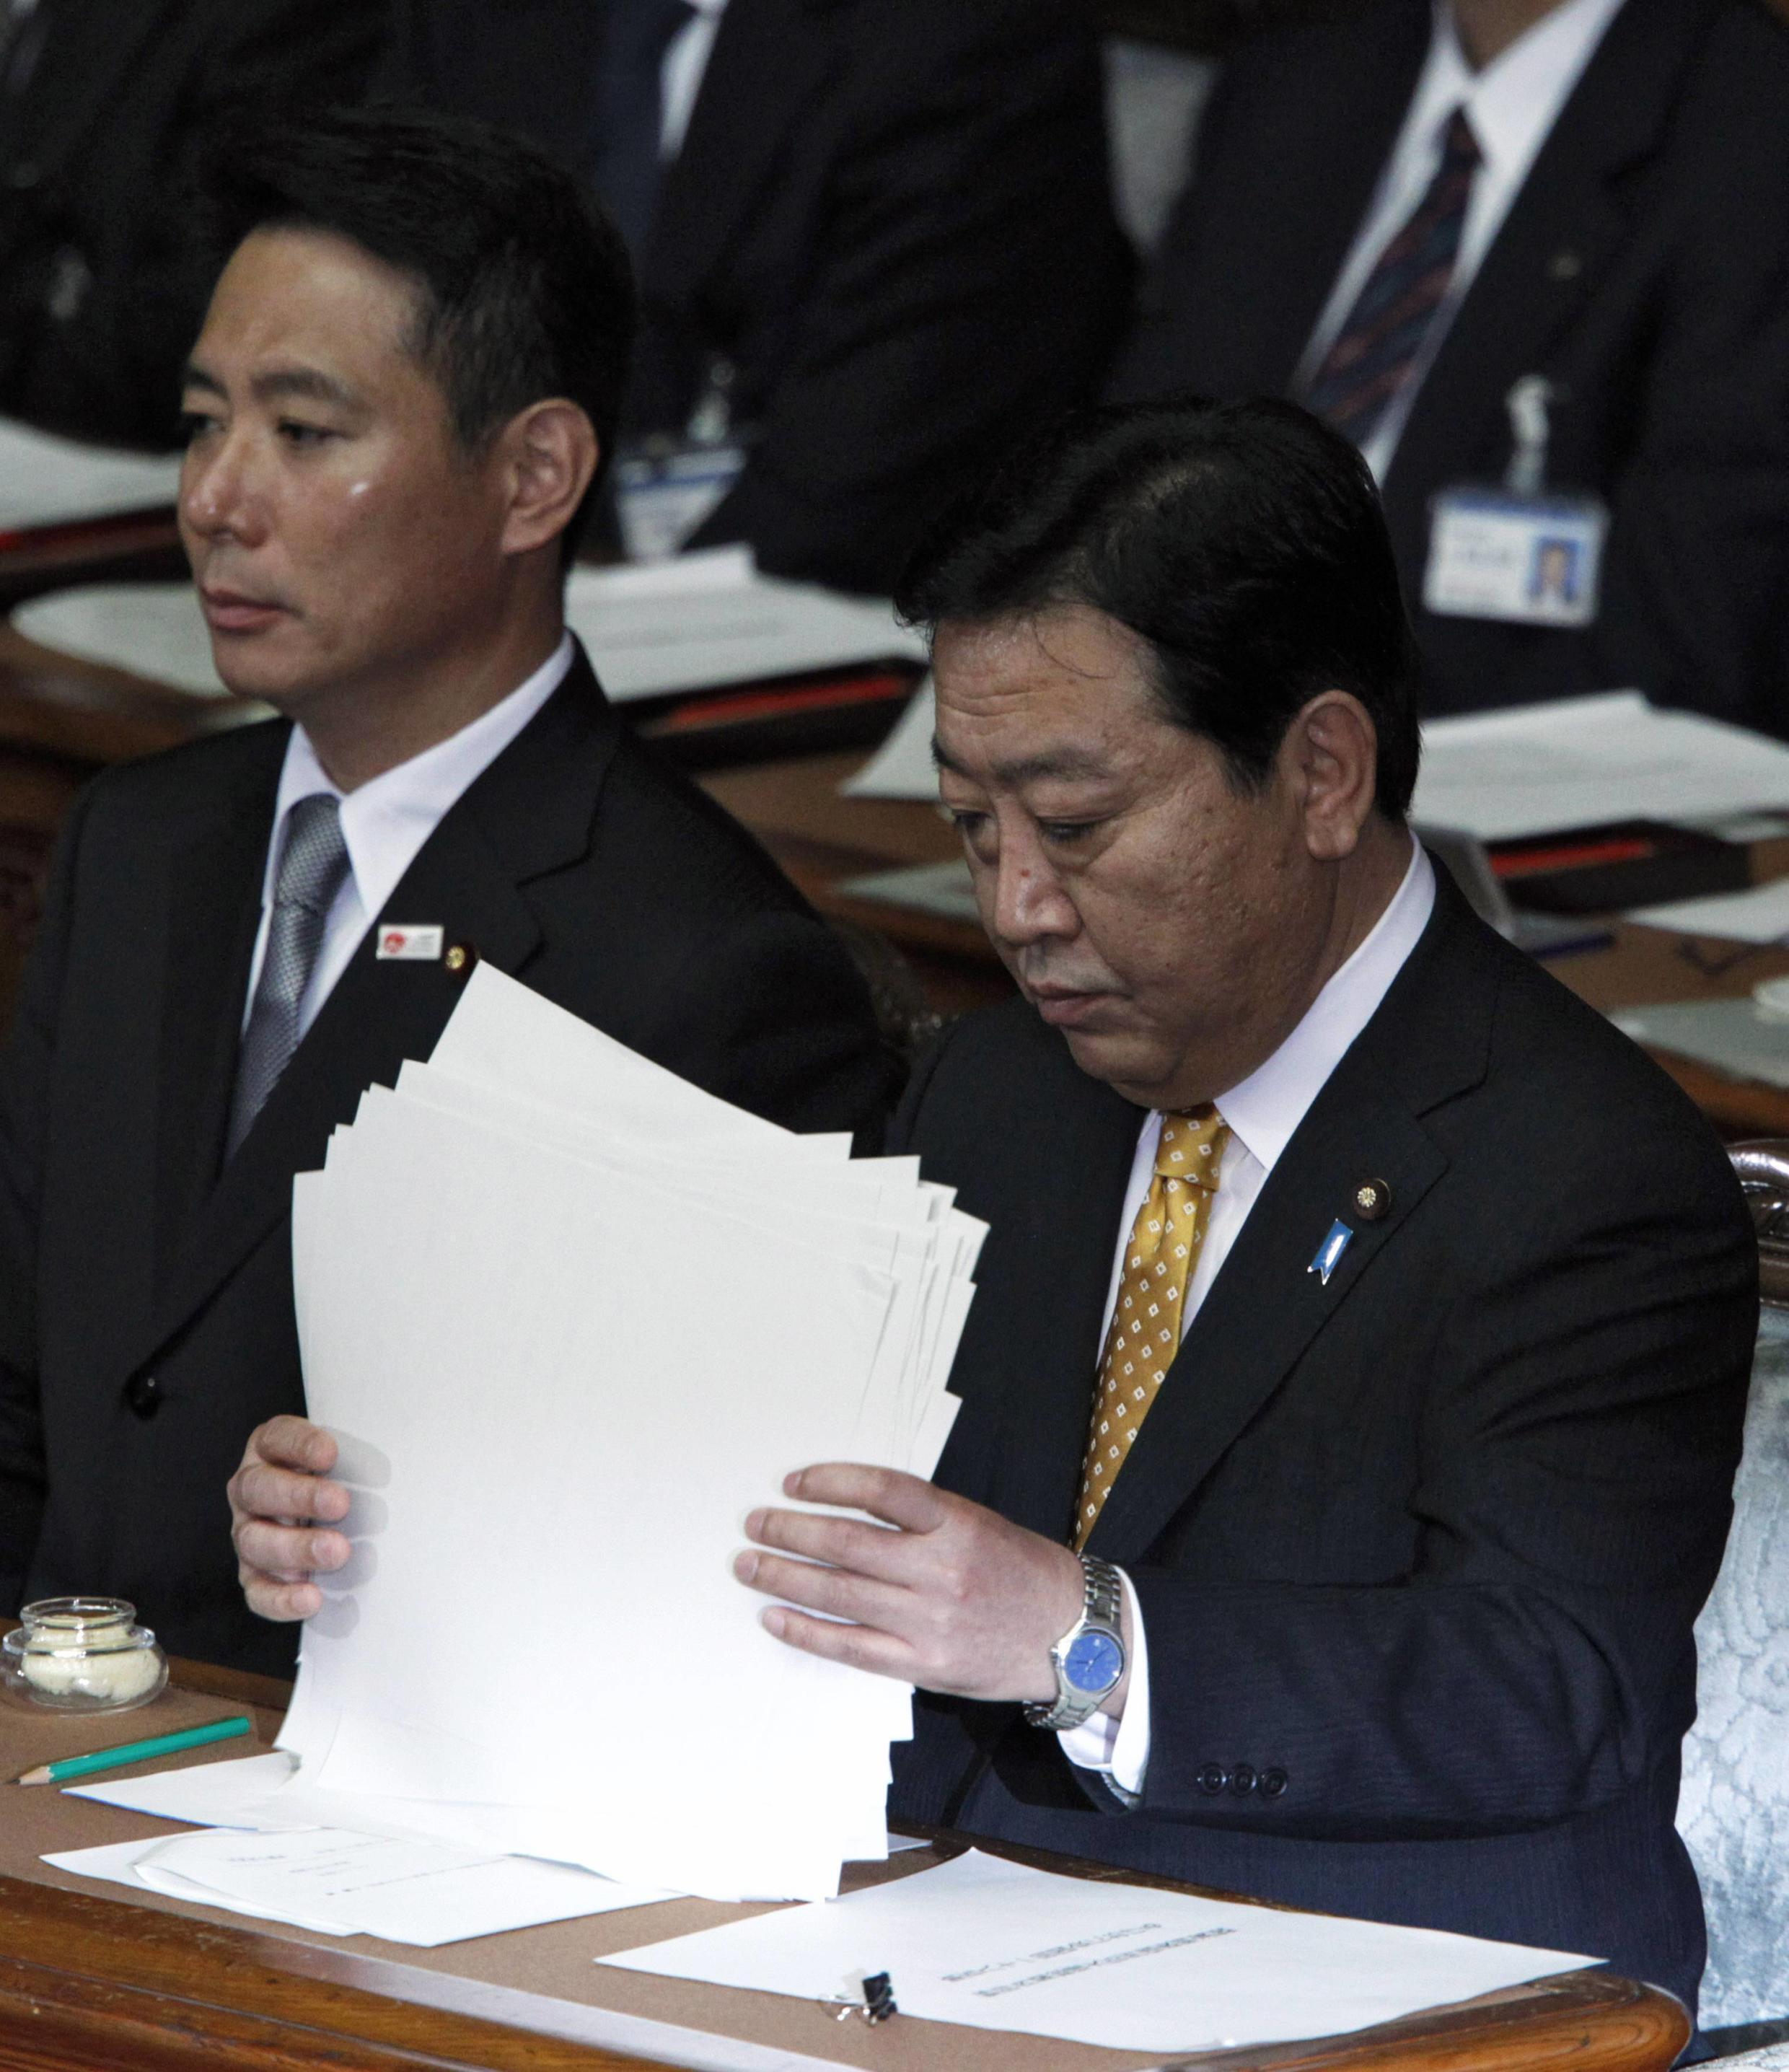 Le Premier ministre Yoshihiko Noda, flanqué de son ministre de l'Economie, Seiji Maehara, le 29 octobre à Tokyo.